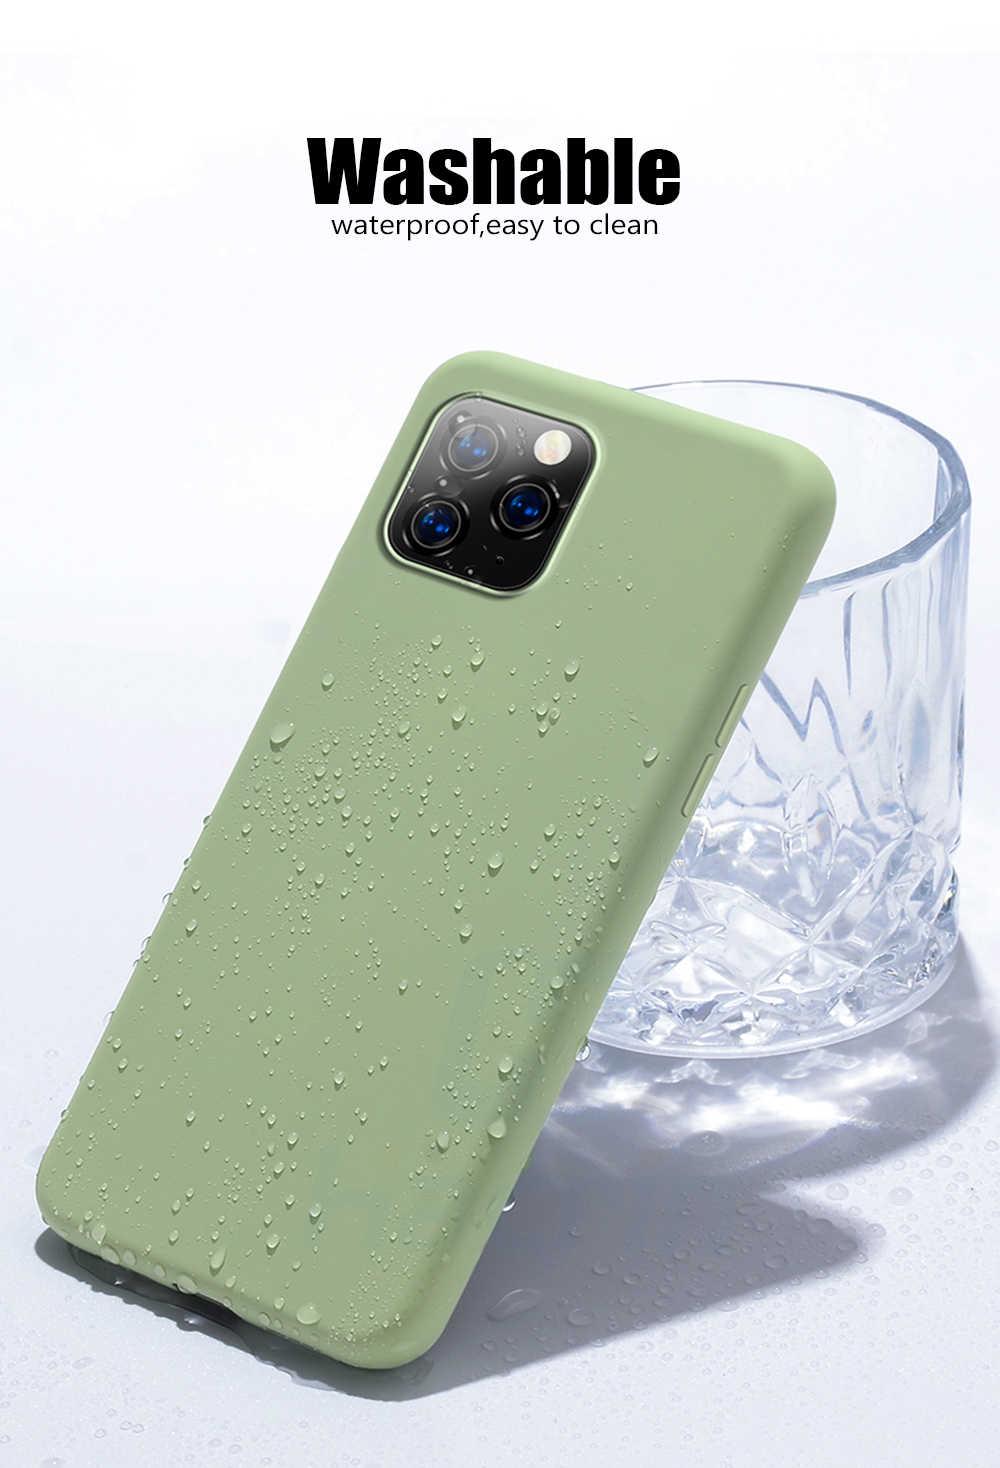 حافظة من yezaoo لهاتف apple iphone 11 pro max حافظة حماية ناعمة من السيليكون السائل لهاتف iphone x xs max xr 7 8 6 6S Plus 10